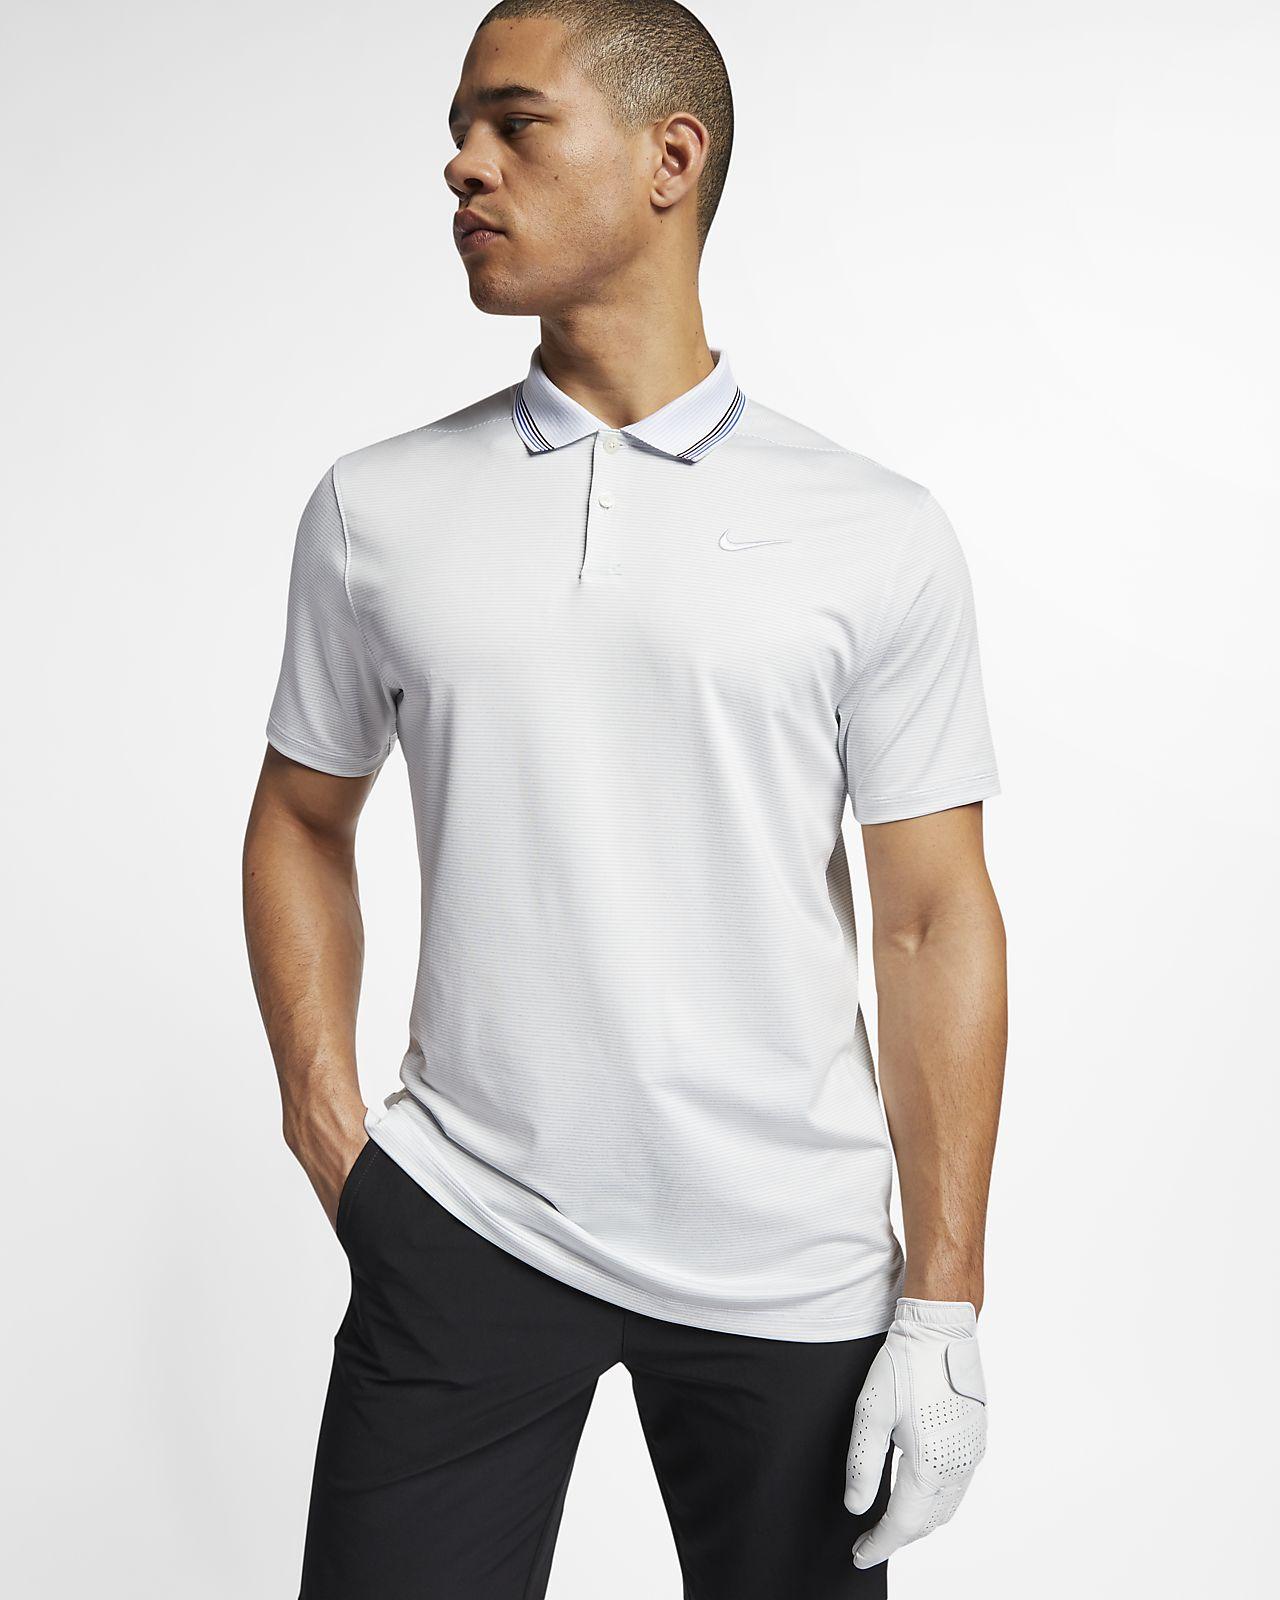 Golfpikétröja Nike Dri-FIT Vapor för män